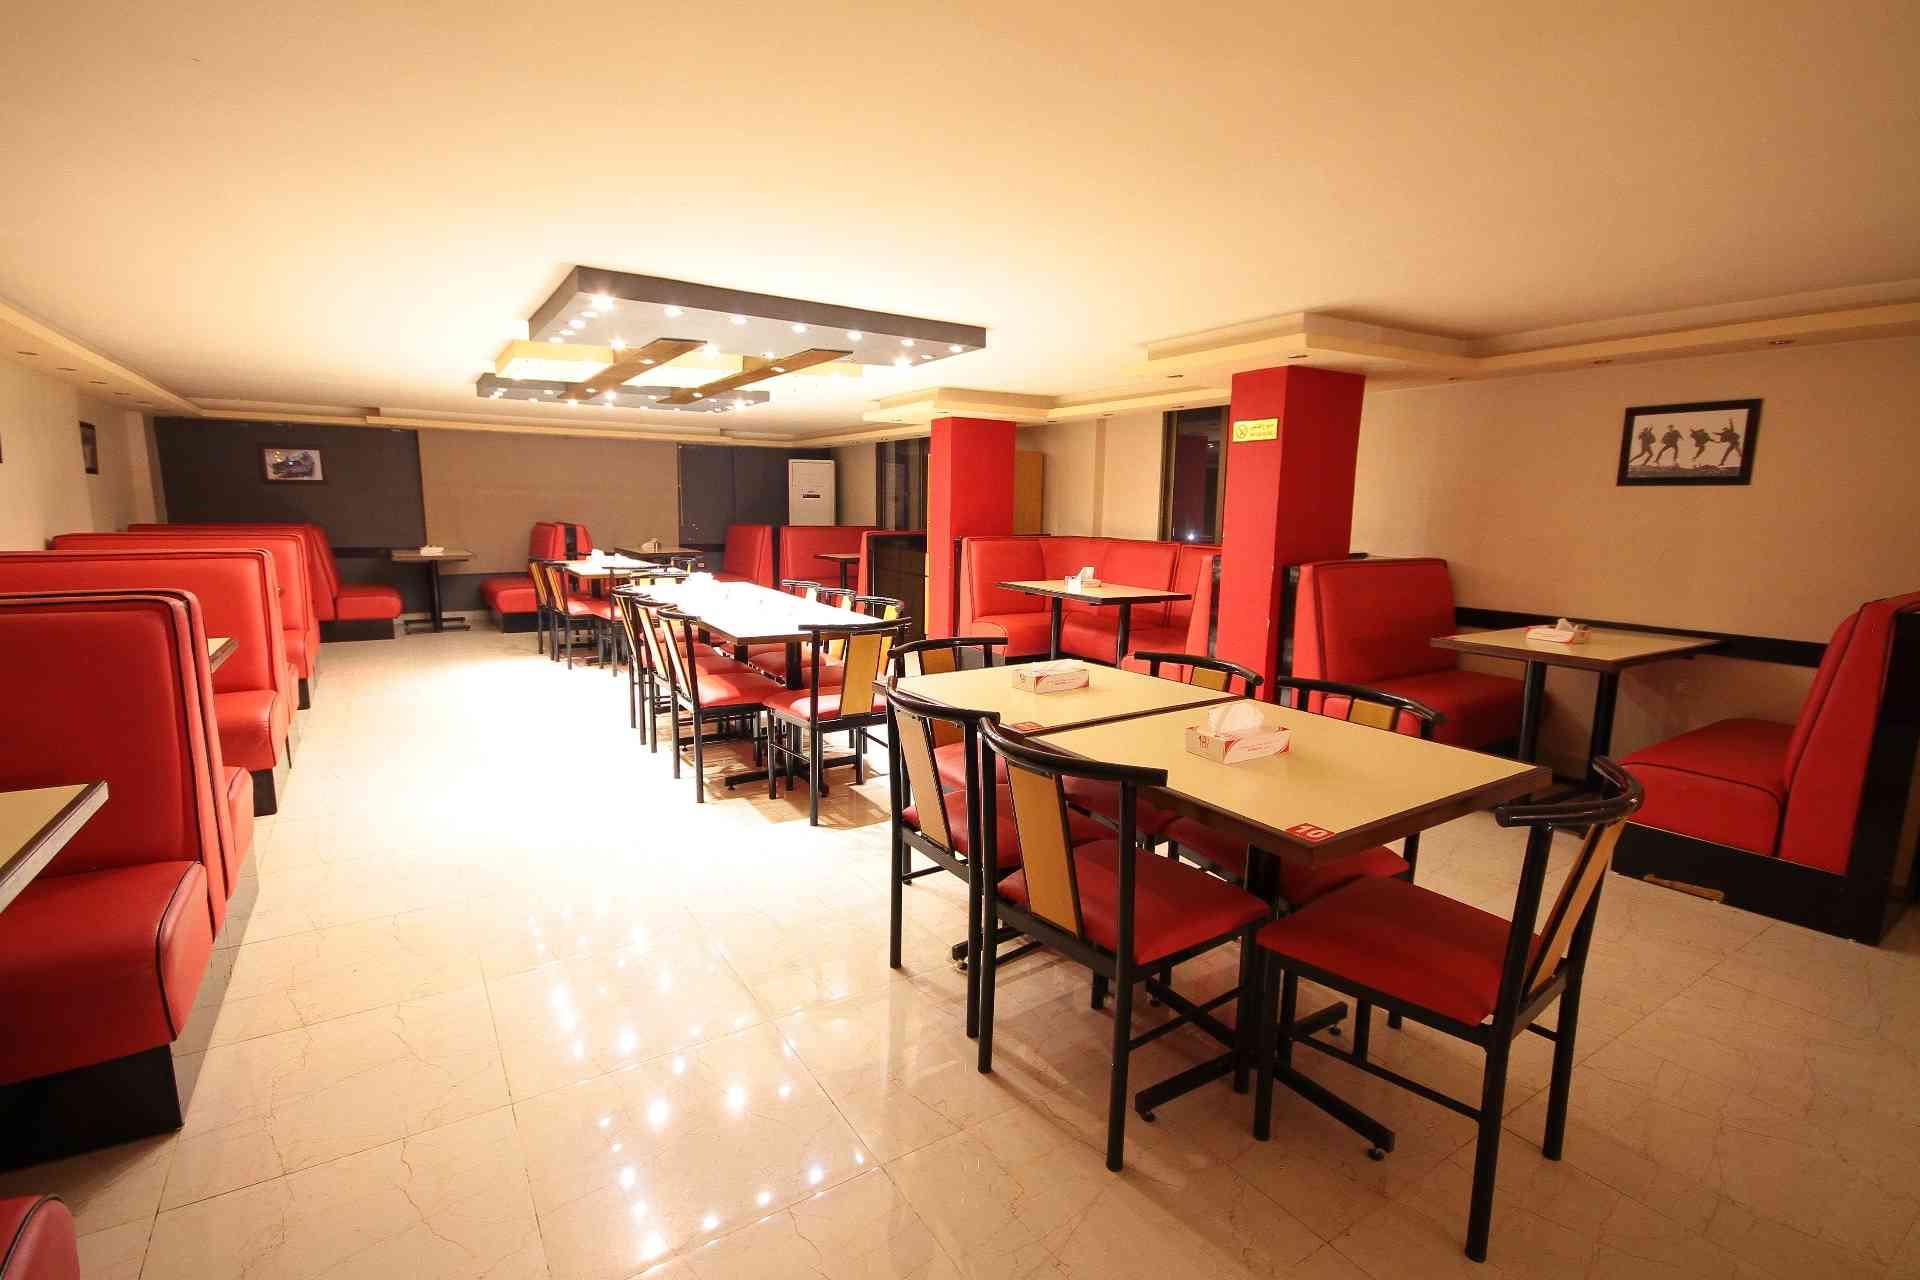 يوجد لدينا رخام عماني بأفضل الاسعار للتواصل :- 00968 94700709-  معدات مطاعم كاملة جديد و...